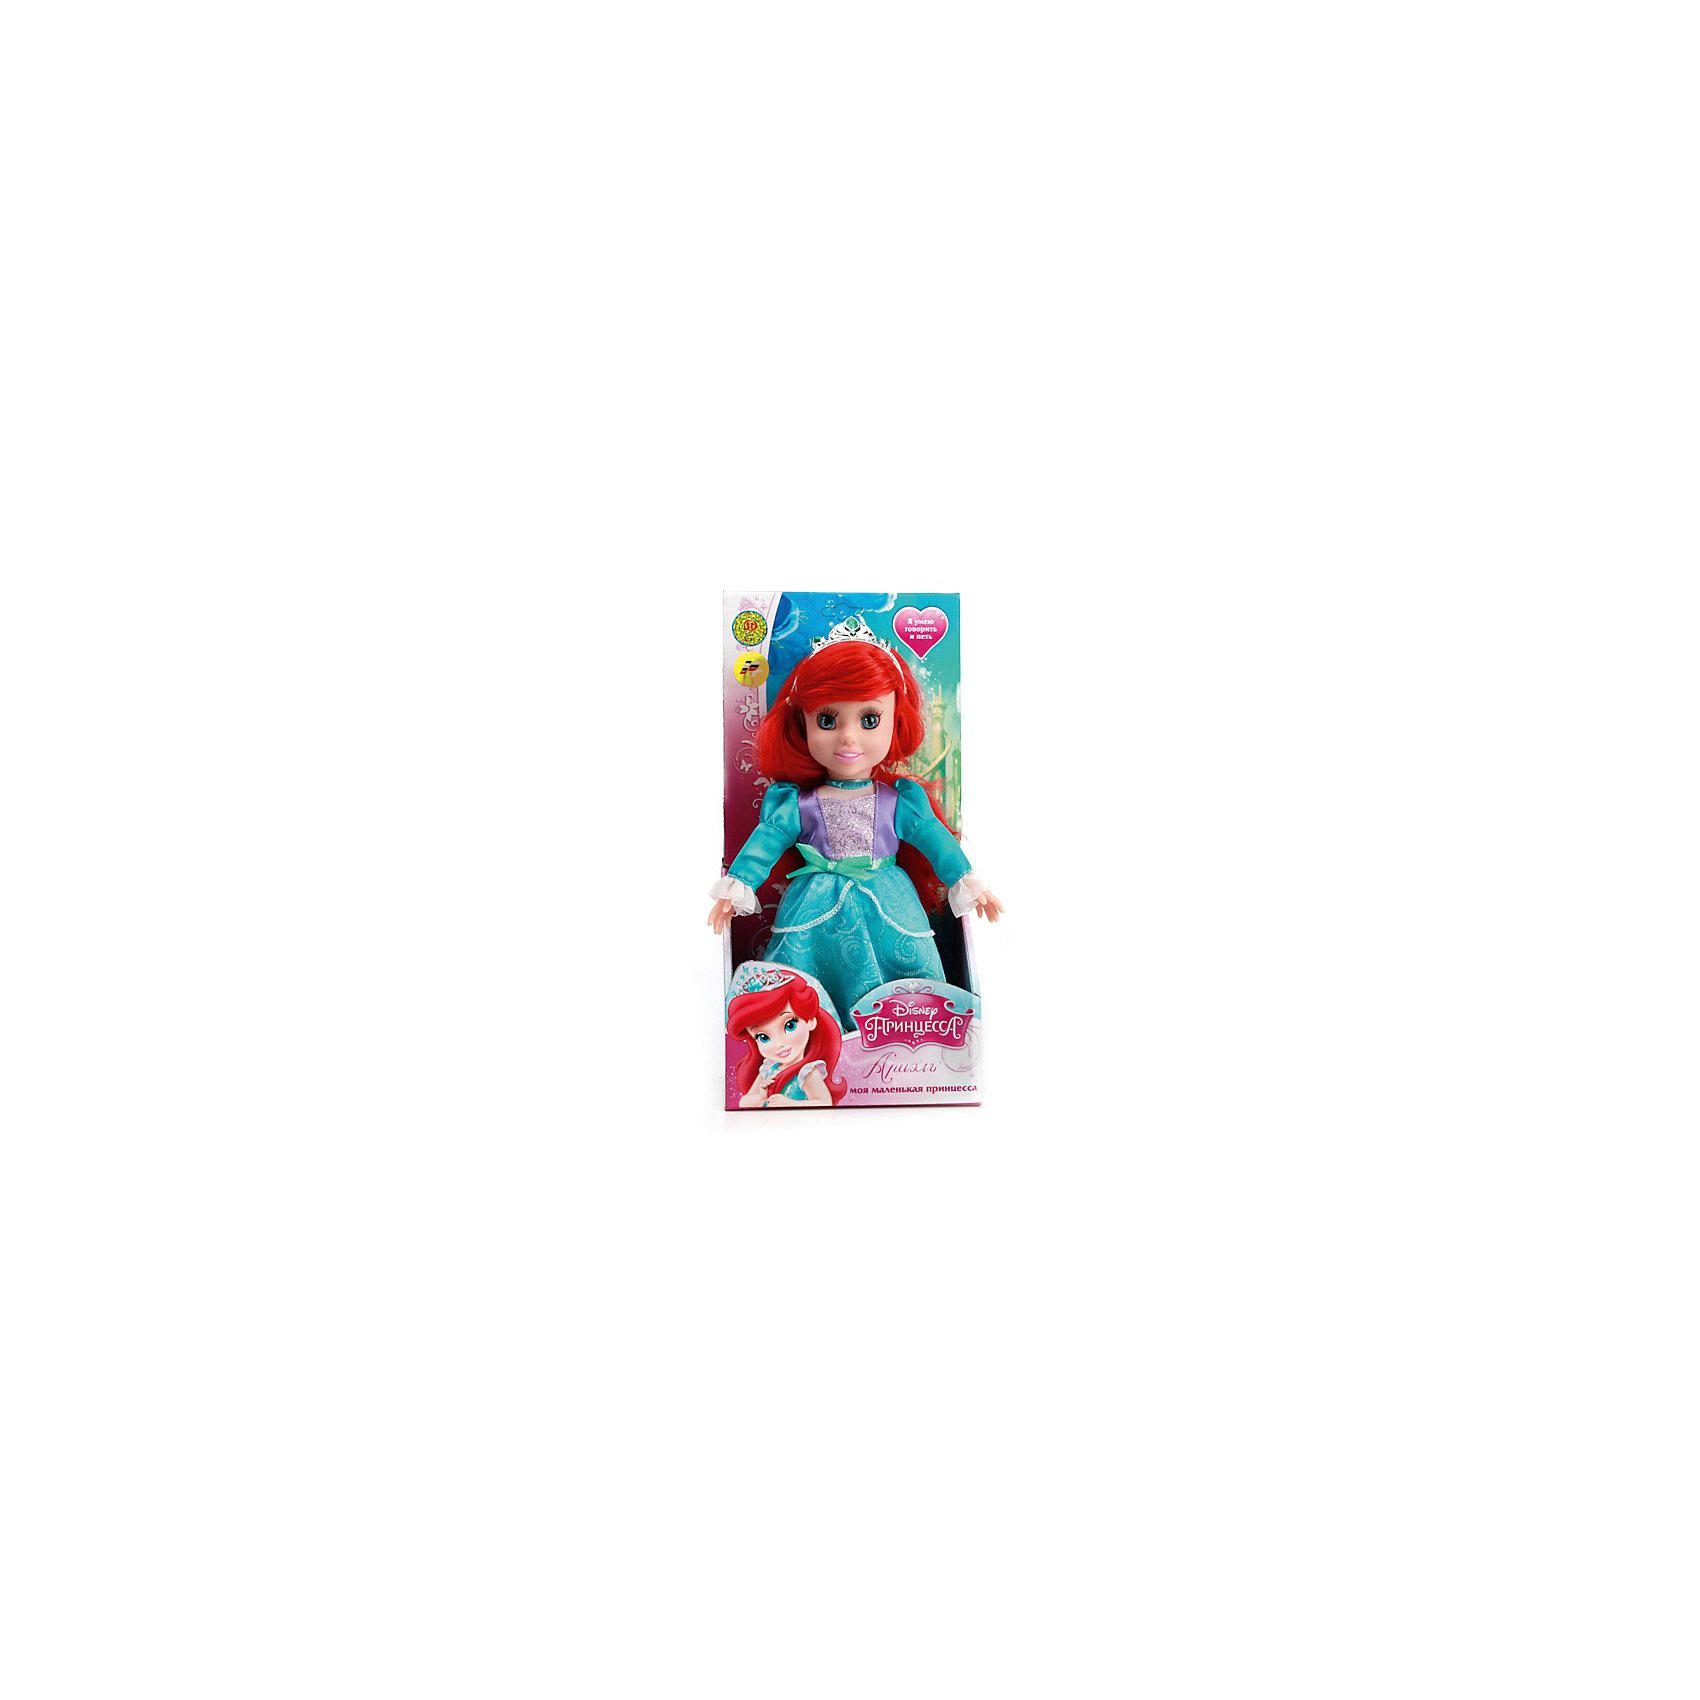 Кукла Ариэль, 30 см, со звуком, Disney Princess, МУЛЬТИ-ПУЛЬТИКукла Ариэль со звуком от марки МУЛЬТИ-ПУЛЬТИ<br><br>Интерактивная кукла от отечественного производителя поможет ребенку проводить время весело и с пользой. Она сделана в виде принцессы из известной любимой детьми сказки. Красивые волосы можно расчесывать.<br>Размер куклы универсален - 30 сантиметров, её удобно брать с собой в поездки и на прогулку. Сделана игрушка из качественных и безопасных для ребенка материалов: тело - мягкое, голова - пластмассовая. <br><br>Отличительные особенности игрушки:<br><br>- материал: текстиль, наполнитель, пластик, металл;<br>- звуковой модуль;<br>- волосы можно расчесывать;<br>- работает на батарейках;<br>- упаковка: коробка;<br>- высота: 30 см.<br><br>Куклу Ариэль со звуком от марки МУЛЬТИ-ПУЛЬТИ можно купить в нашем магазине.<br><br>Ширина мм: 750<br>Глубина мм: 650<br>Высота мм: 380<br>Вес г: 430<br>Возраст от месяцев: 36<br>Возраст до месяцев: 84<br>Пол: Женский<br>Возраст: Детский<br>SKU: 4659502